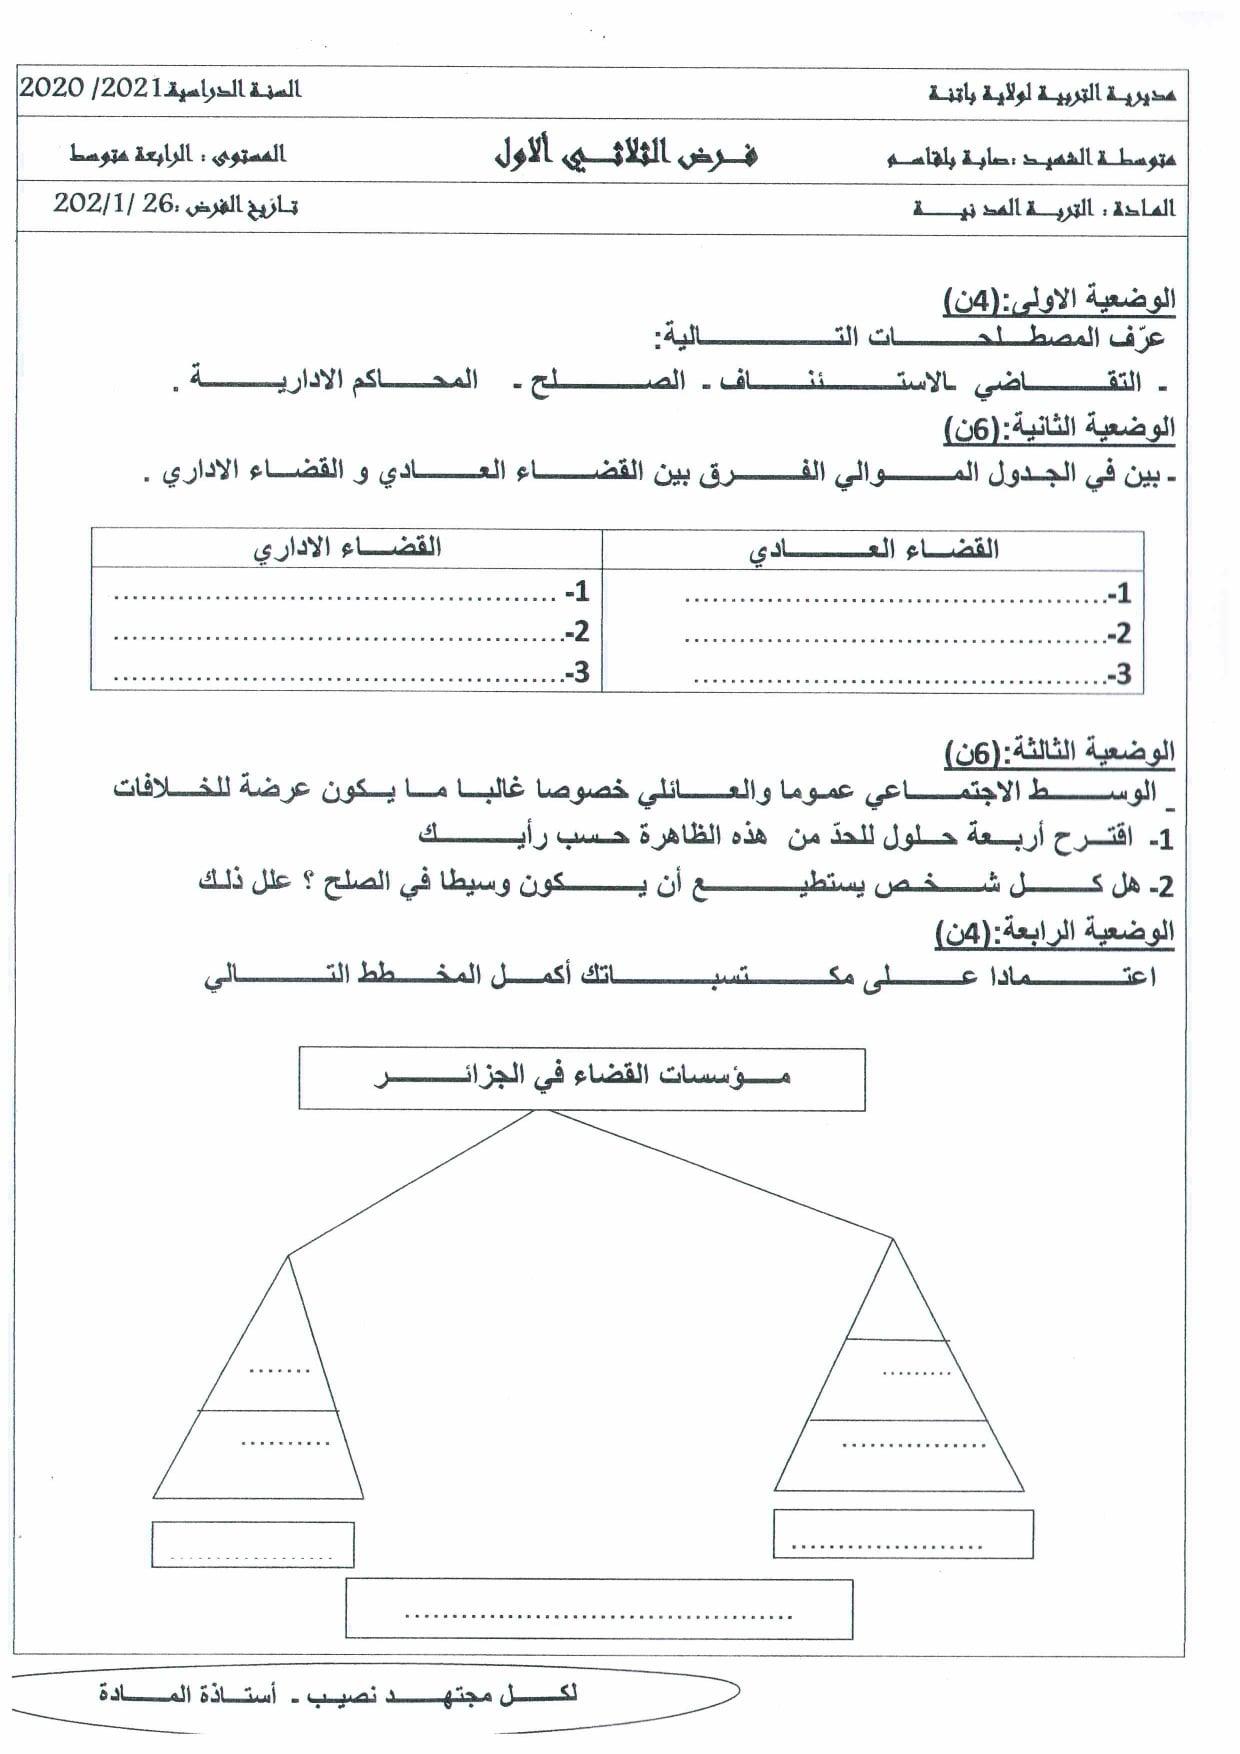 اختبارات الفصل الأول في مادة التربية المدنية السنة الرابعة متوسط مع الحل - الموضوع 03